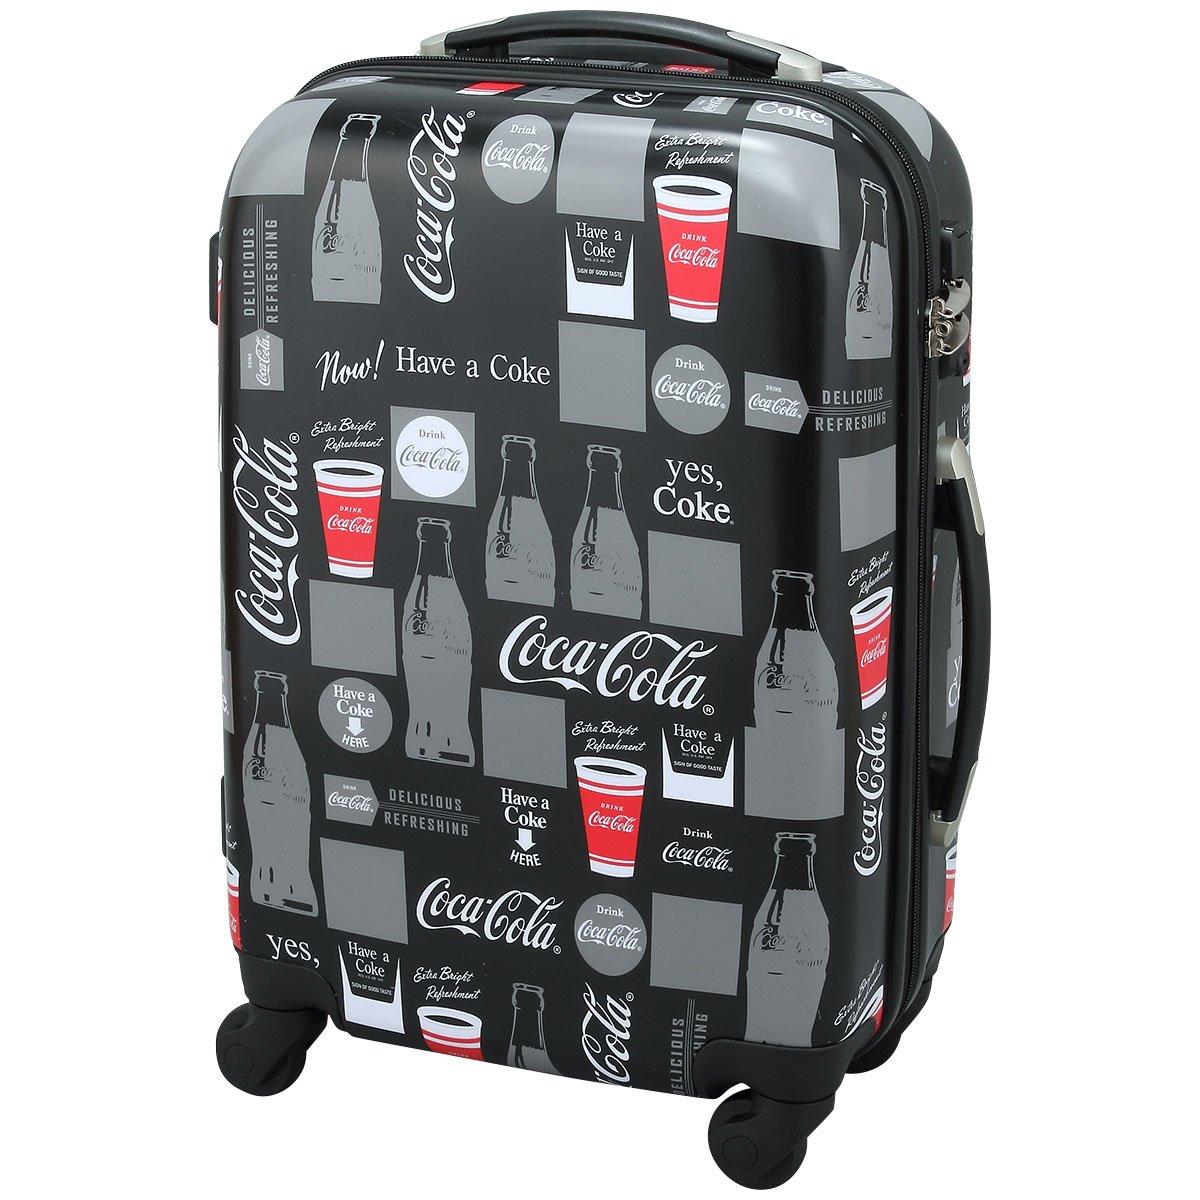 Coca-Cola(コカコーラ) キャリーバッグ コンツァーボトル ブラック   B01M3U8YQ5